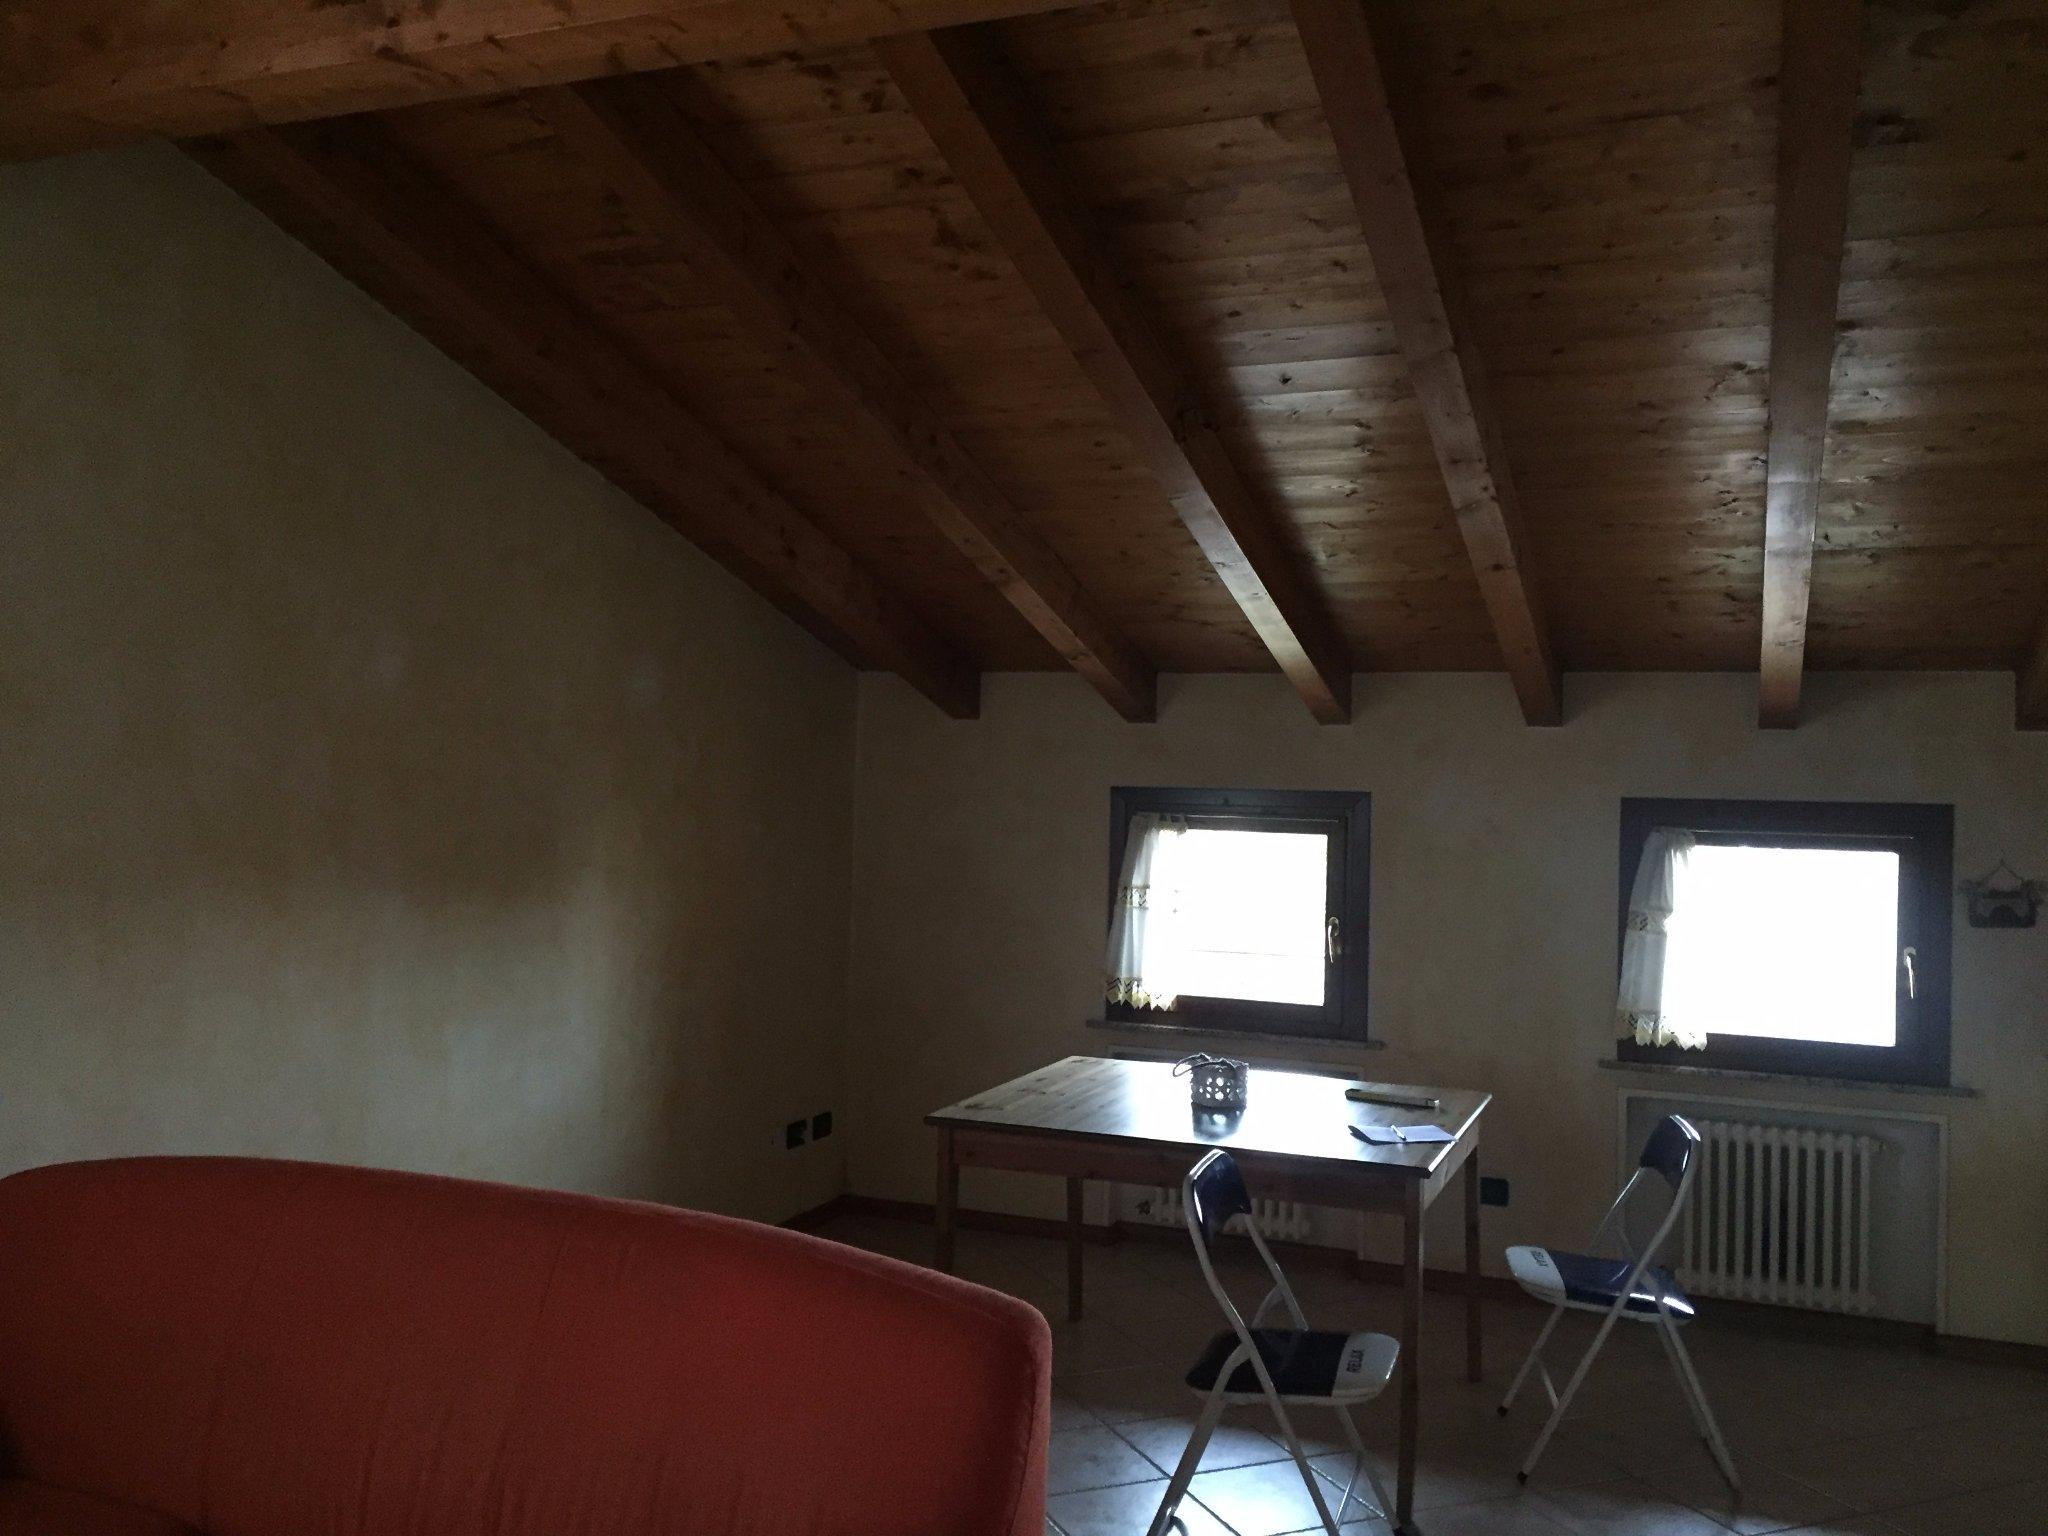 Soffitti In Legno Bianco : Verniciatura soffitto in legno travetti e travi in color bianco